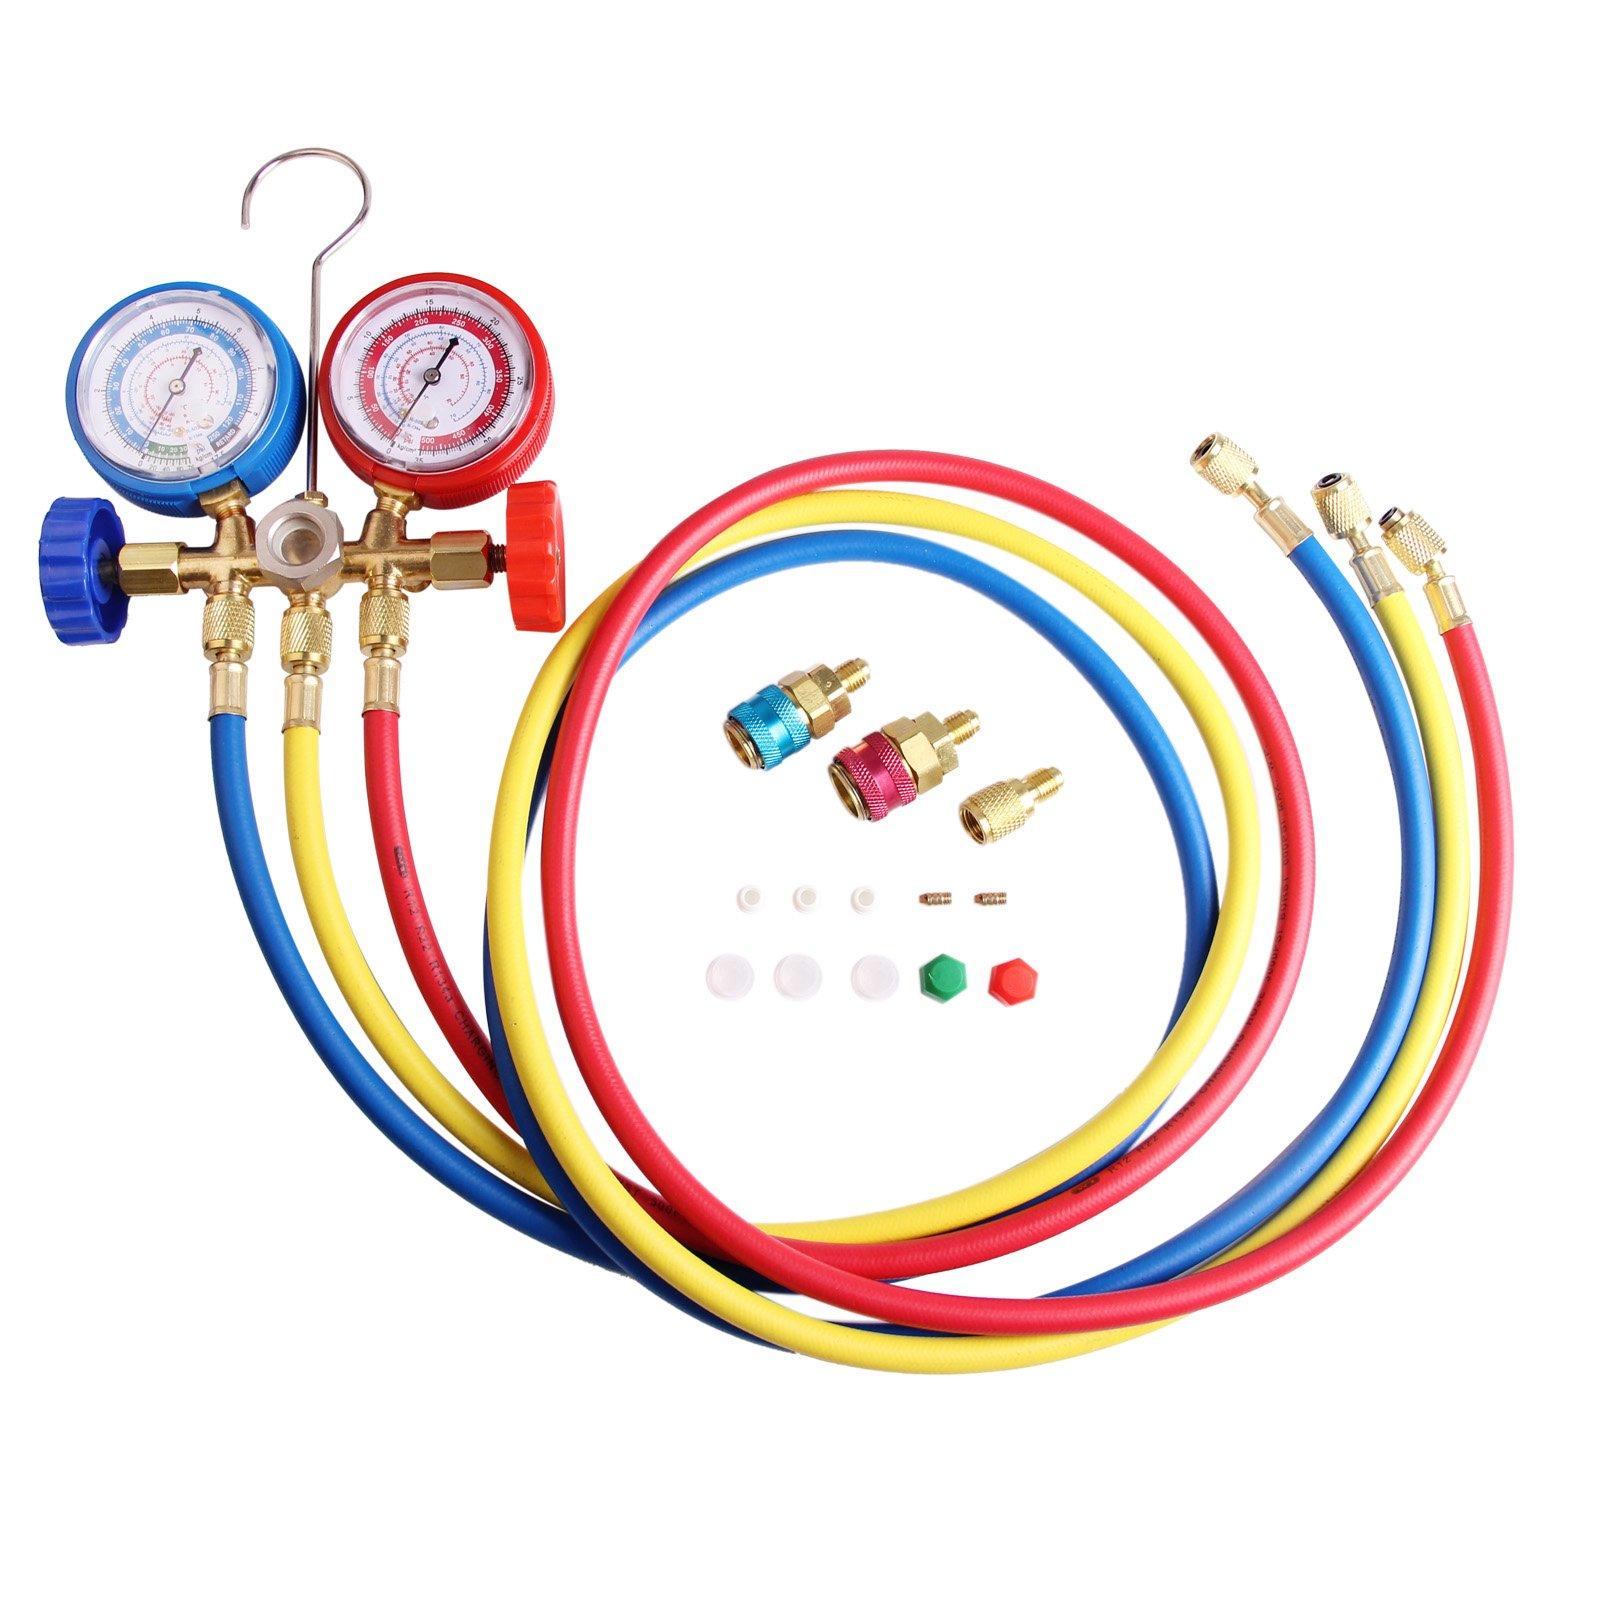 AURELIO TECH MGS-0005-WZ Blue & Red 5FT R134a R12 R22 R502 HVAC A/C Diagnostic Manifold Gauge Refrigeration Charging System